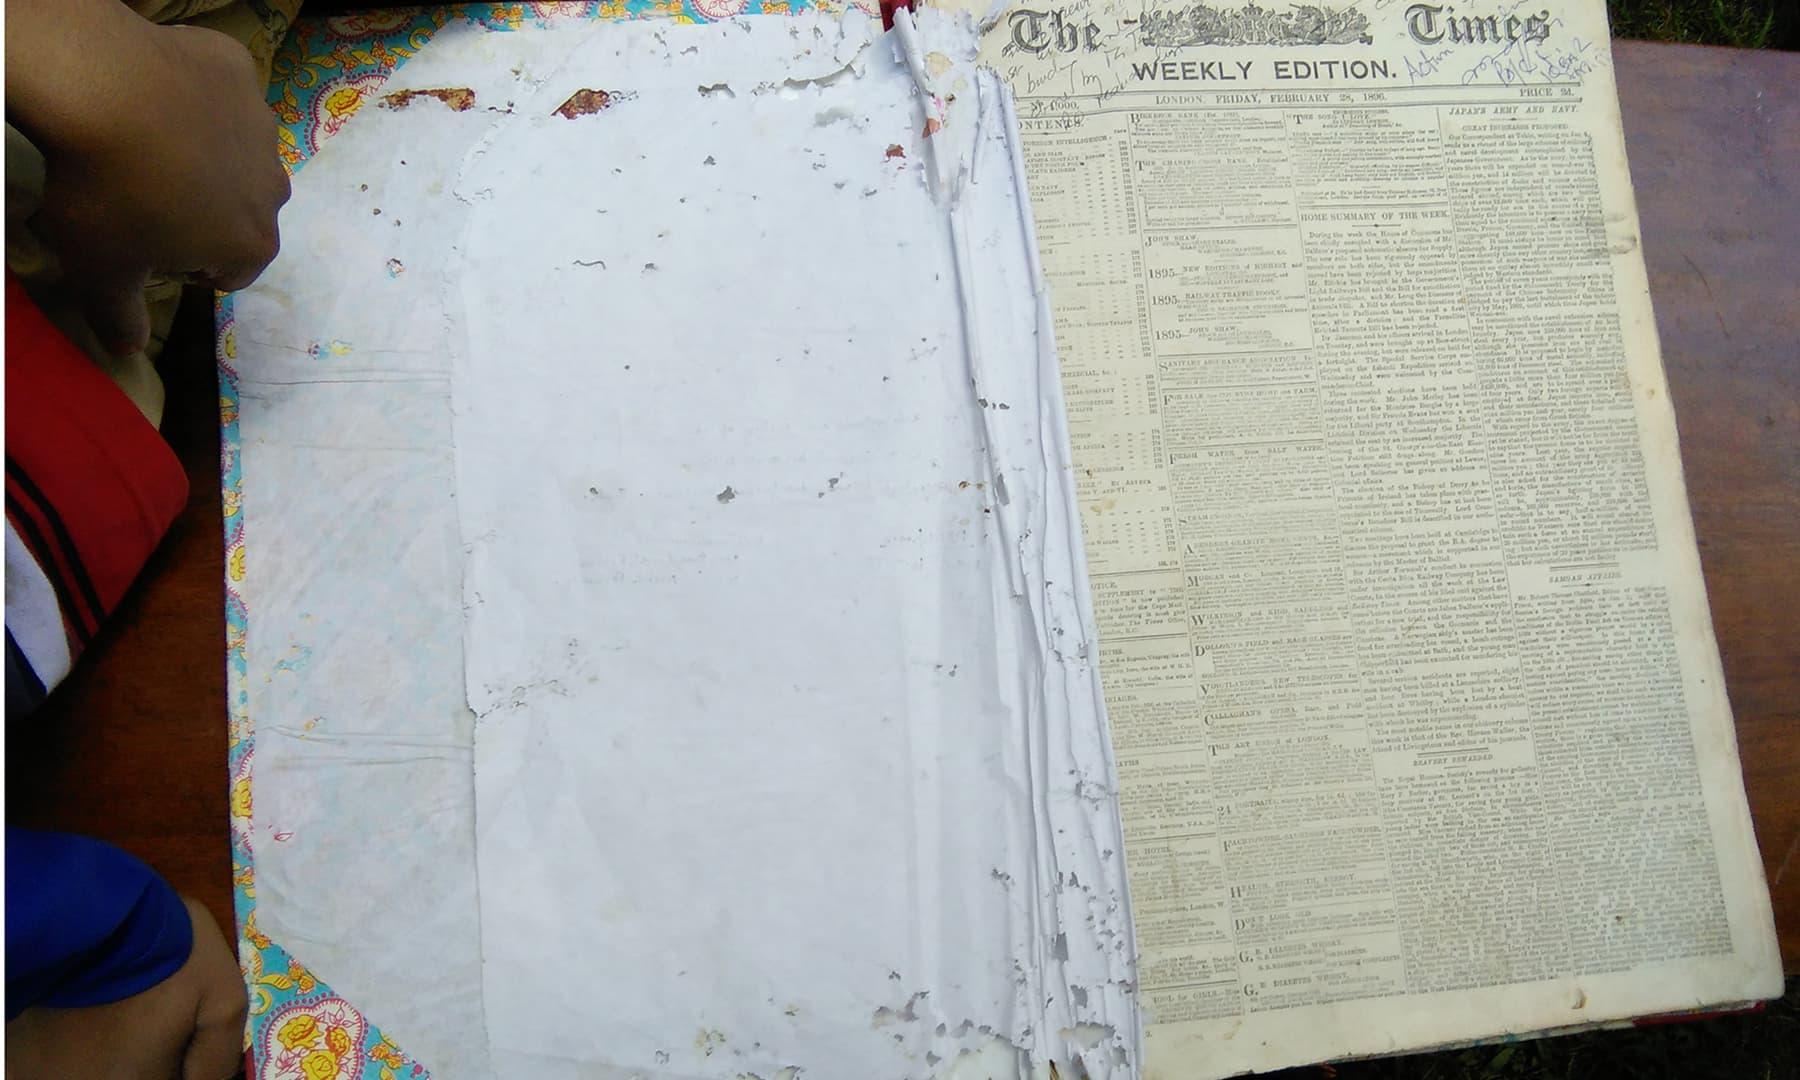 1896ء کے اخباری نمونے—تصویر لکھاری